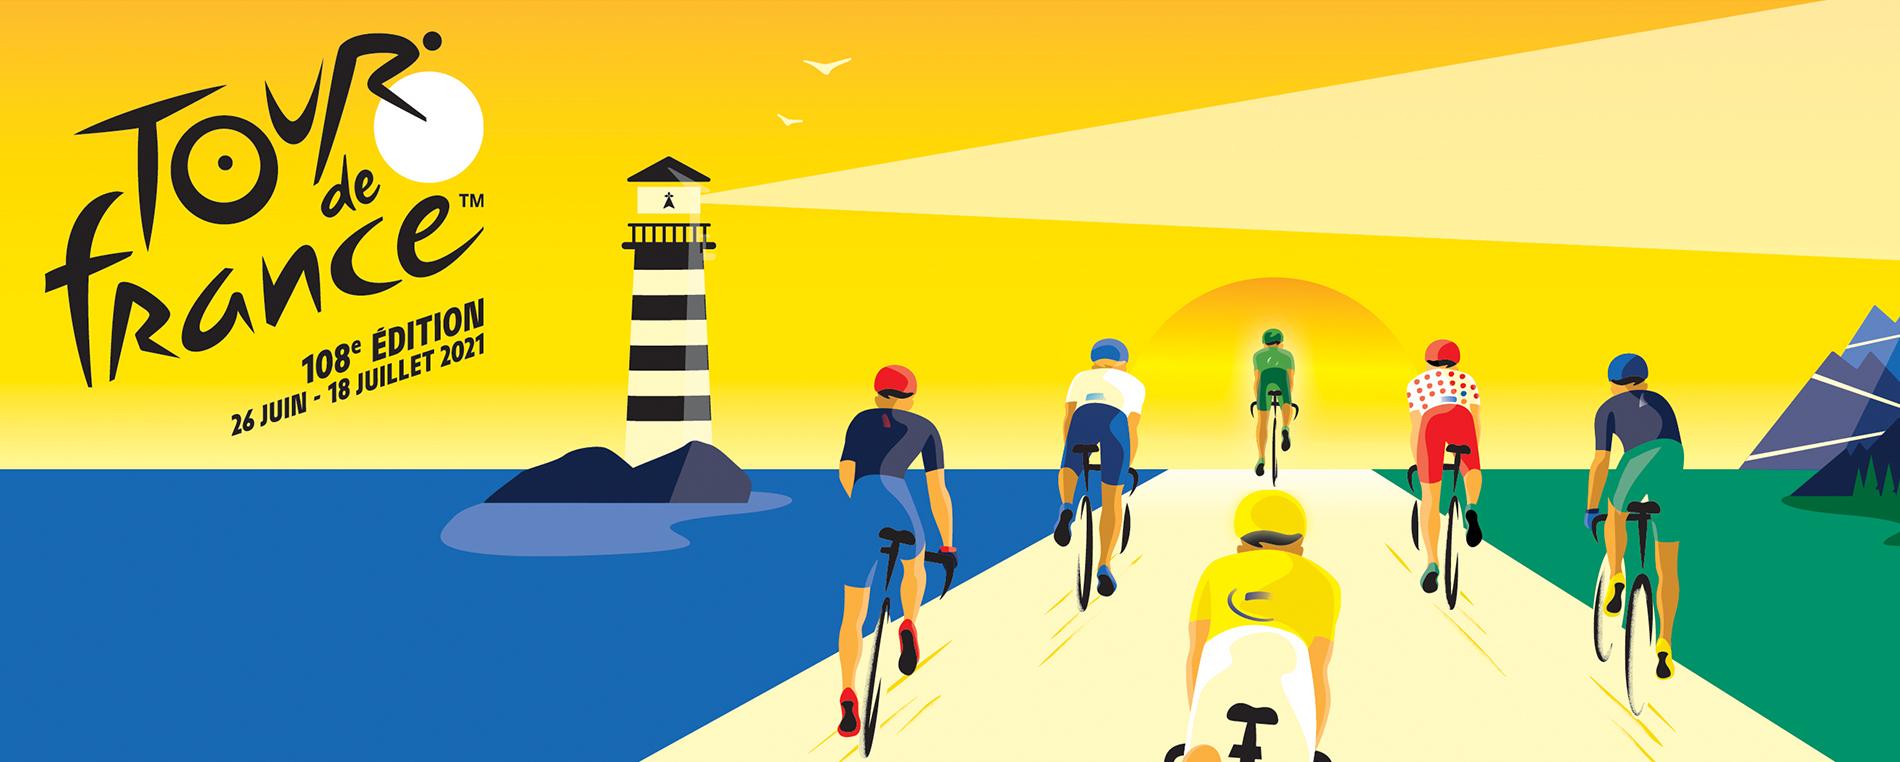 Tour de France 2021, de Brest à Landerneau